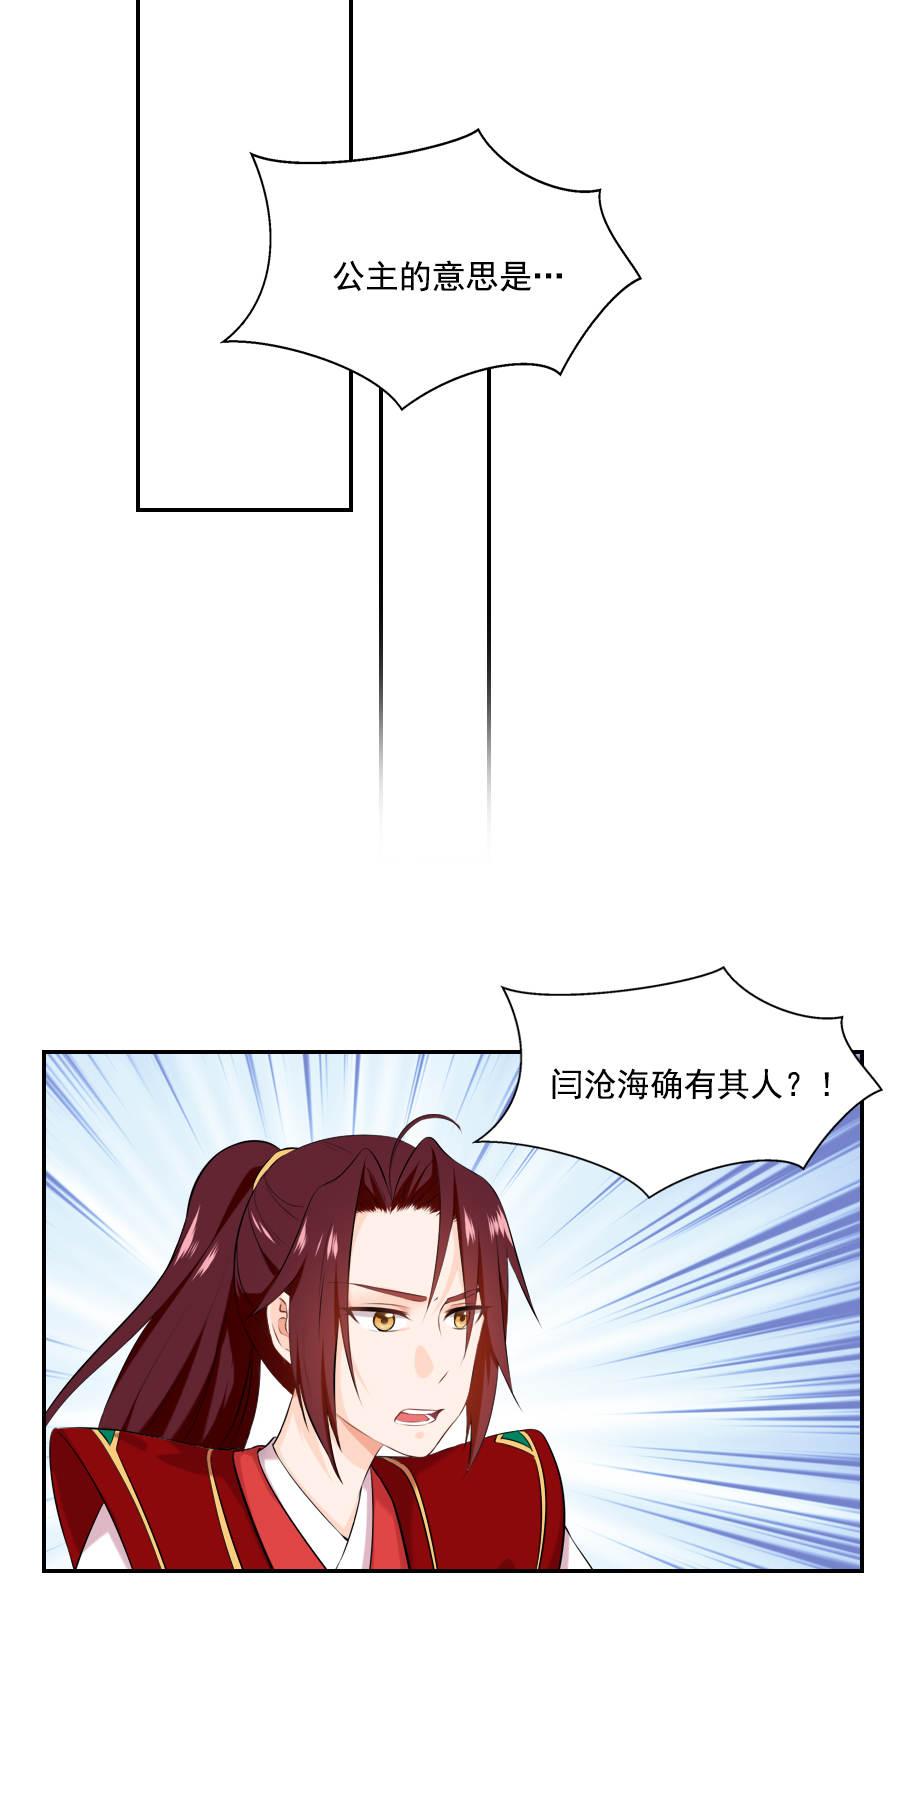 盛世帝王妃第27话  吃蟹蟹  + 时尚教主活动 第 13